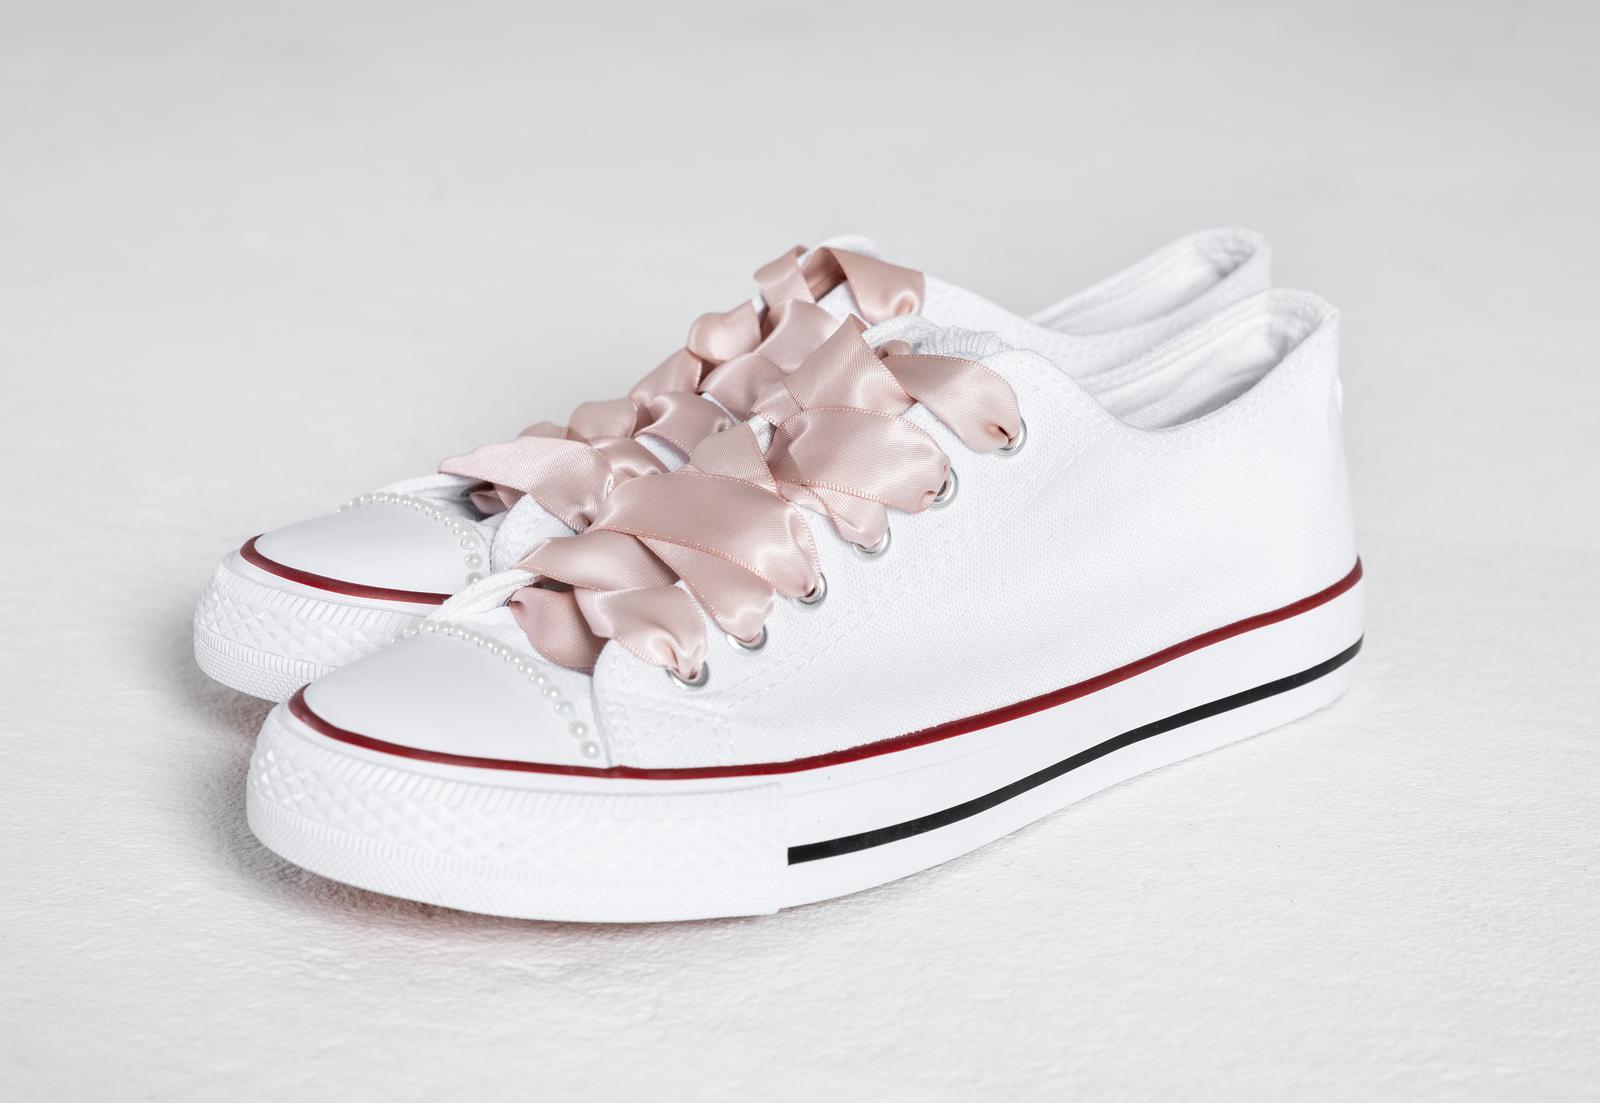 Svatební tenisky / botasky - VEL 36-40 - Obrázek č. 1